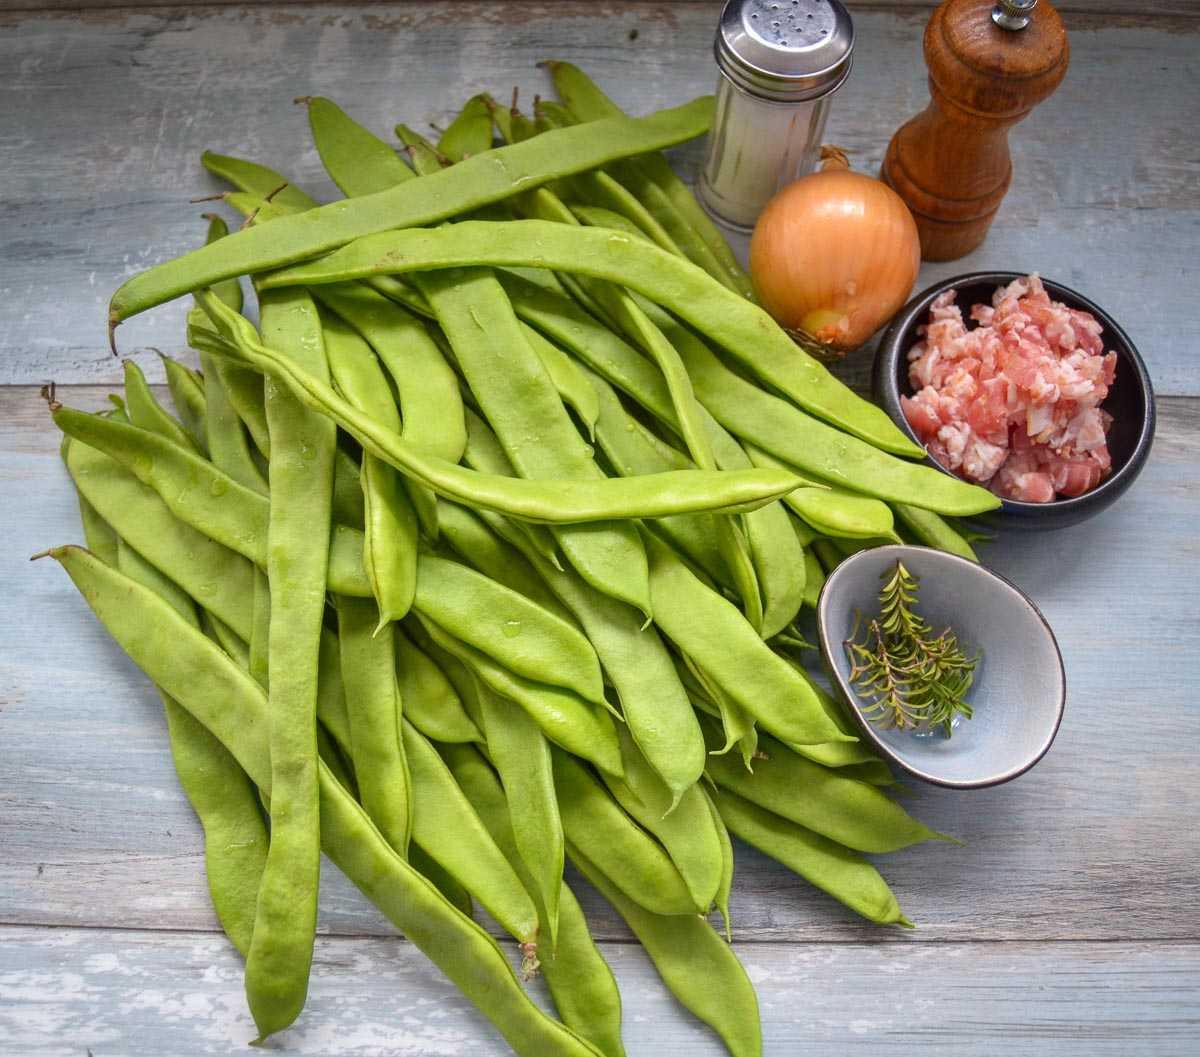 Zutaten grüne Stangen Bohnen, Zwiebel, Bacon, Salz Pfeffer